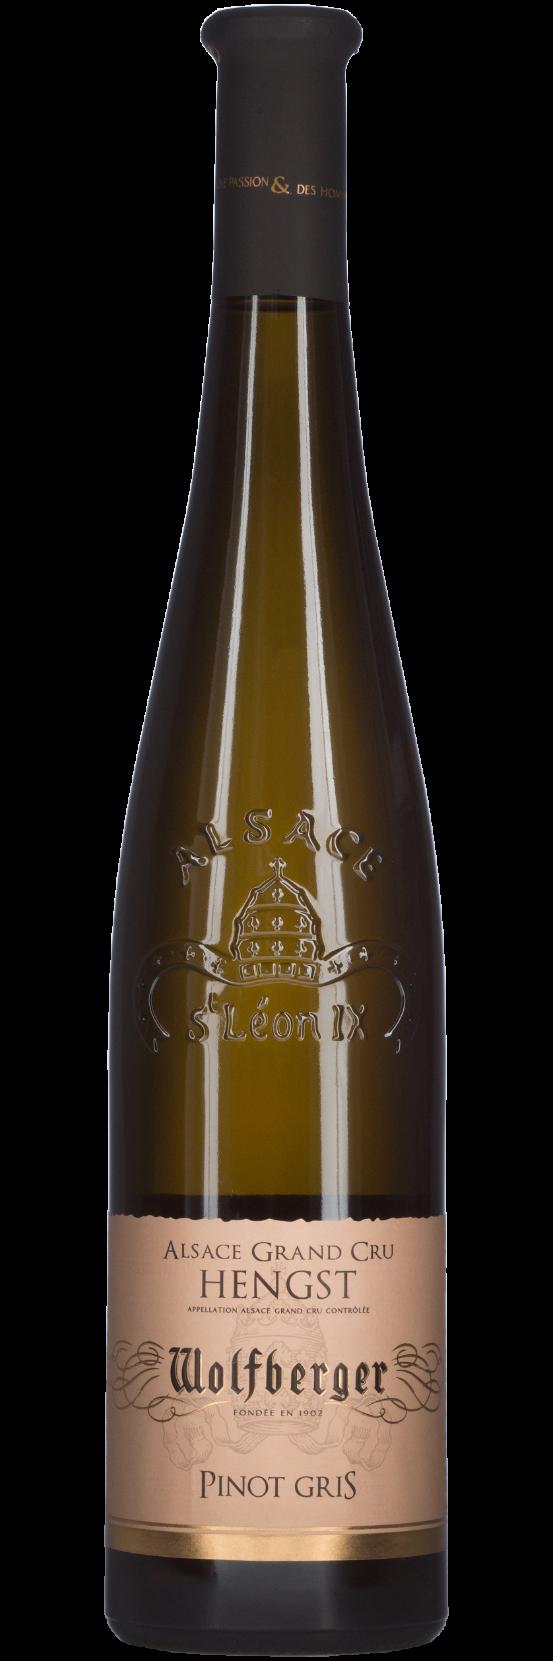 Wolfberger Pinot Gris Hengst Grand Cru 75CL